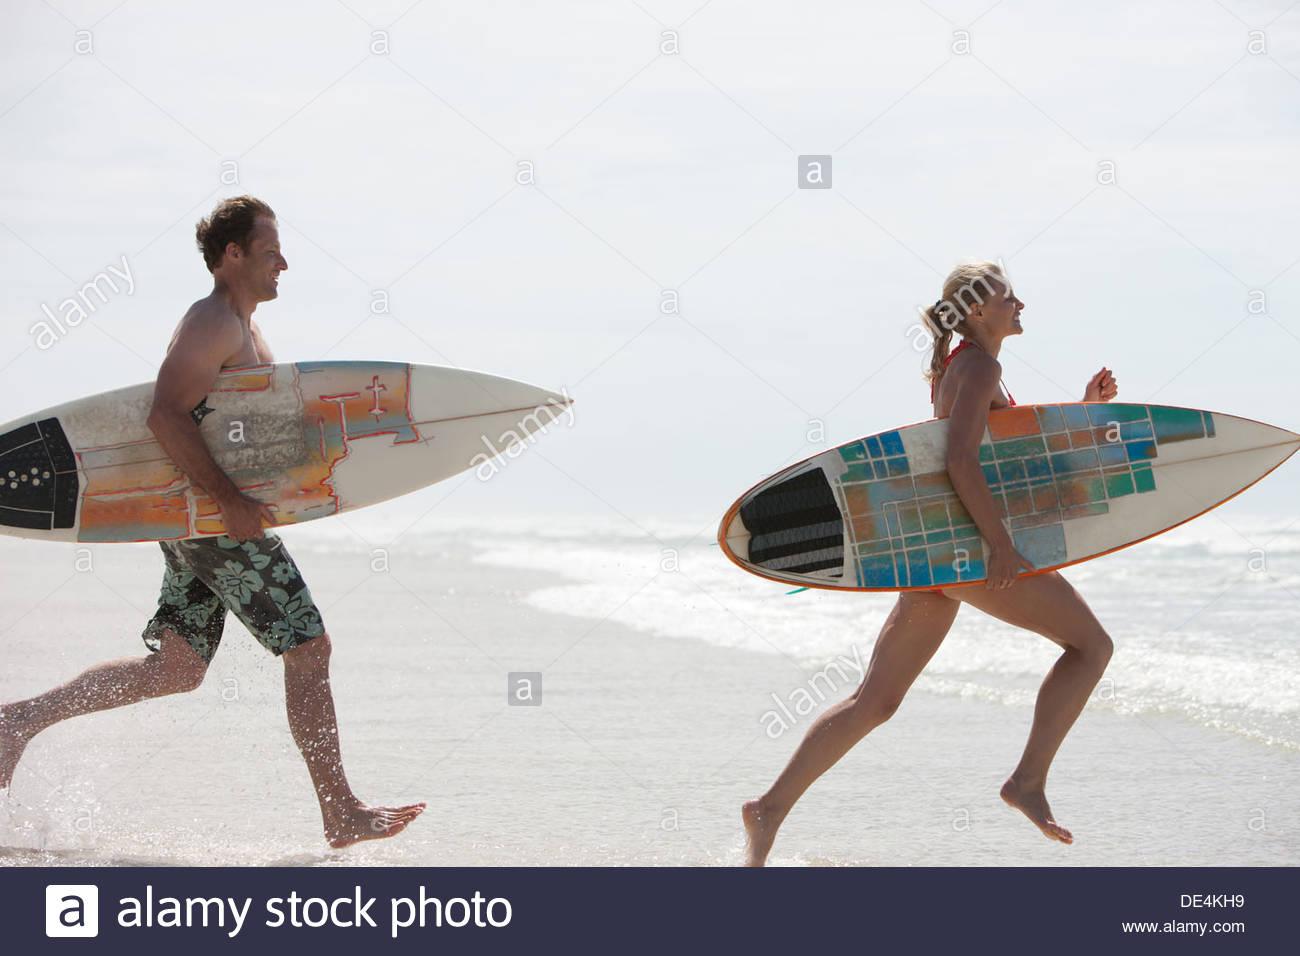 Coppia con tavole da surf in esecuzione sulla spiaggia Immagini Stock